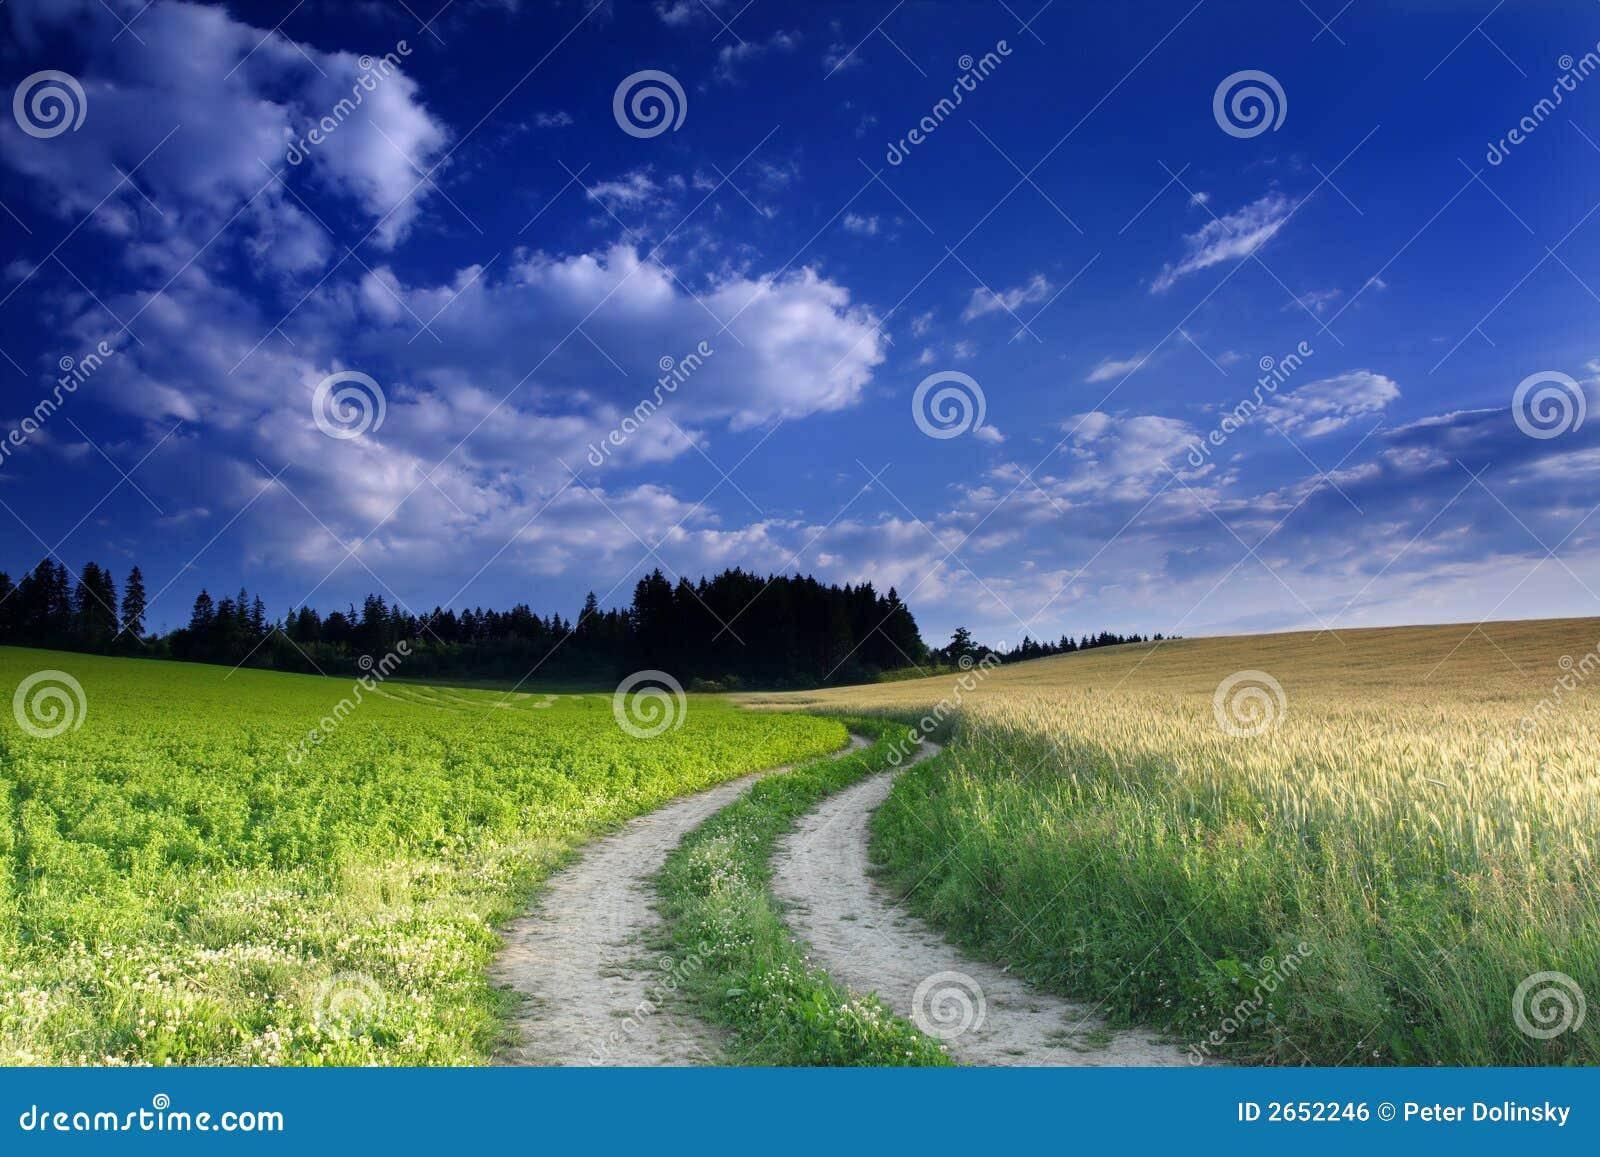 Field Winding Way